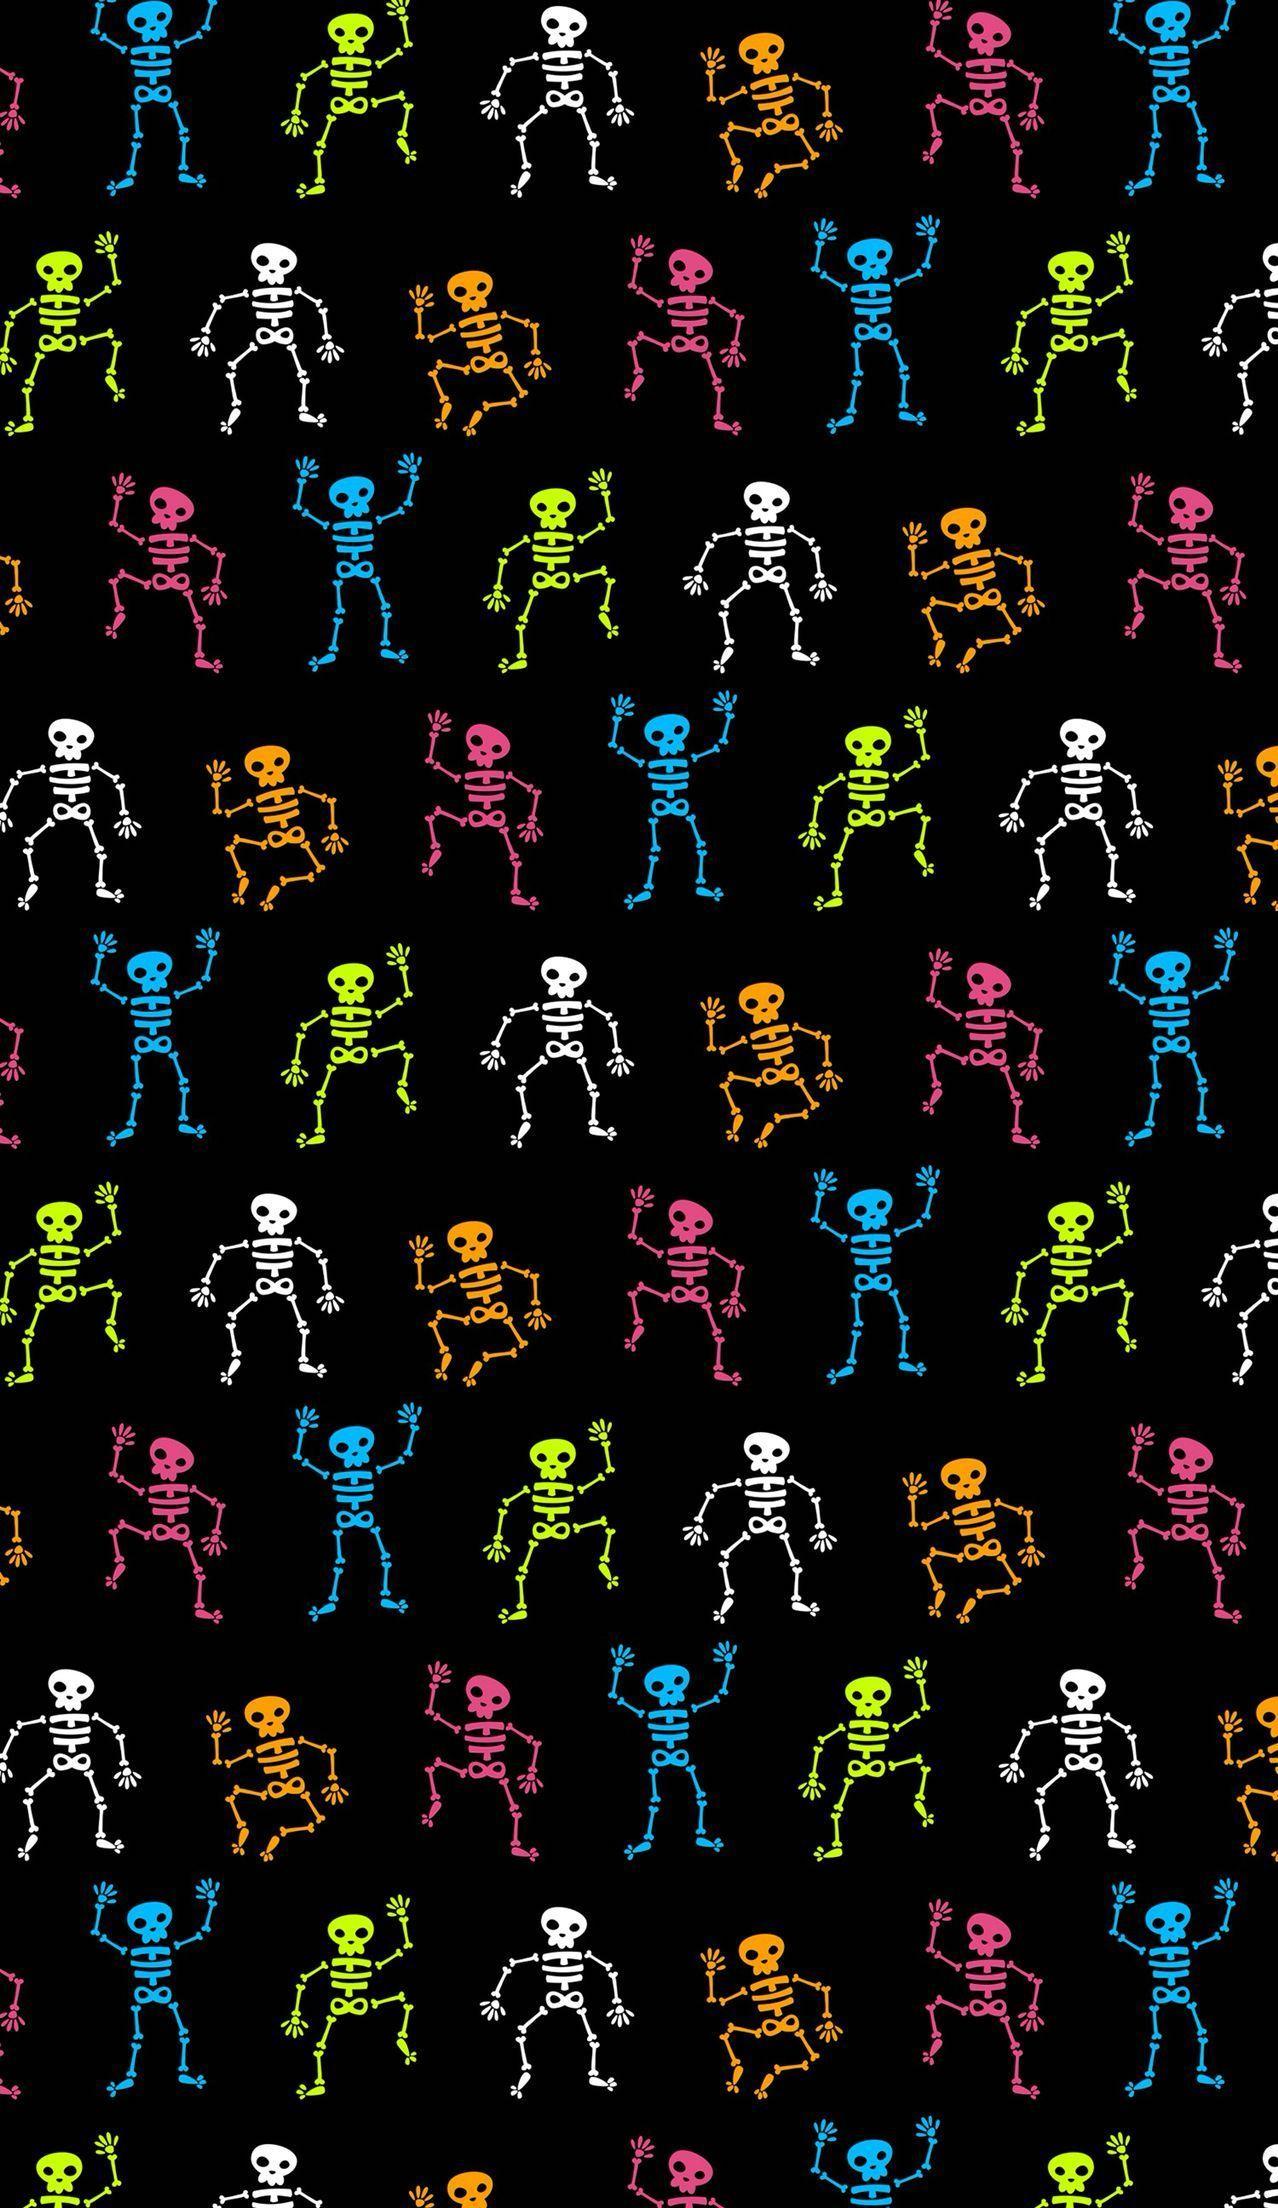 Cute Halloween Skeleton Wallpapers Top Free Cute Halloween Skeleton Backgrounds Wallpaperaccess